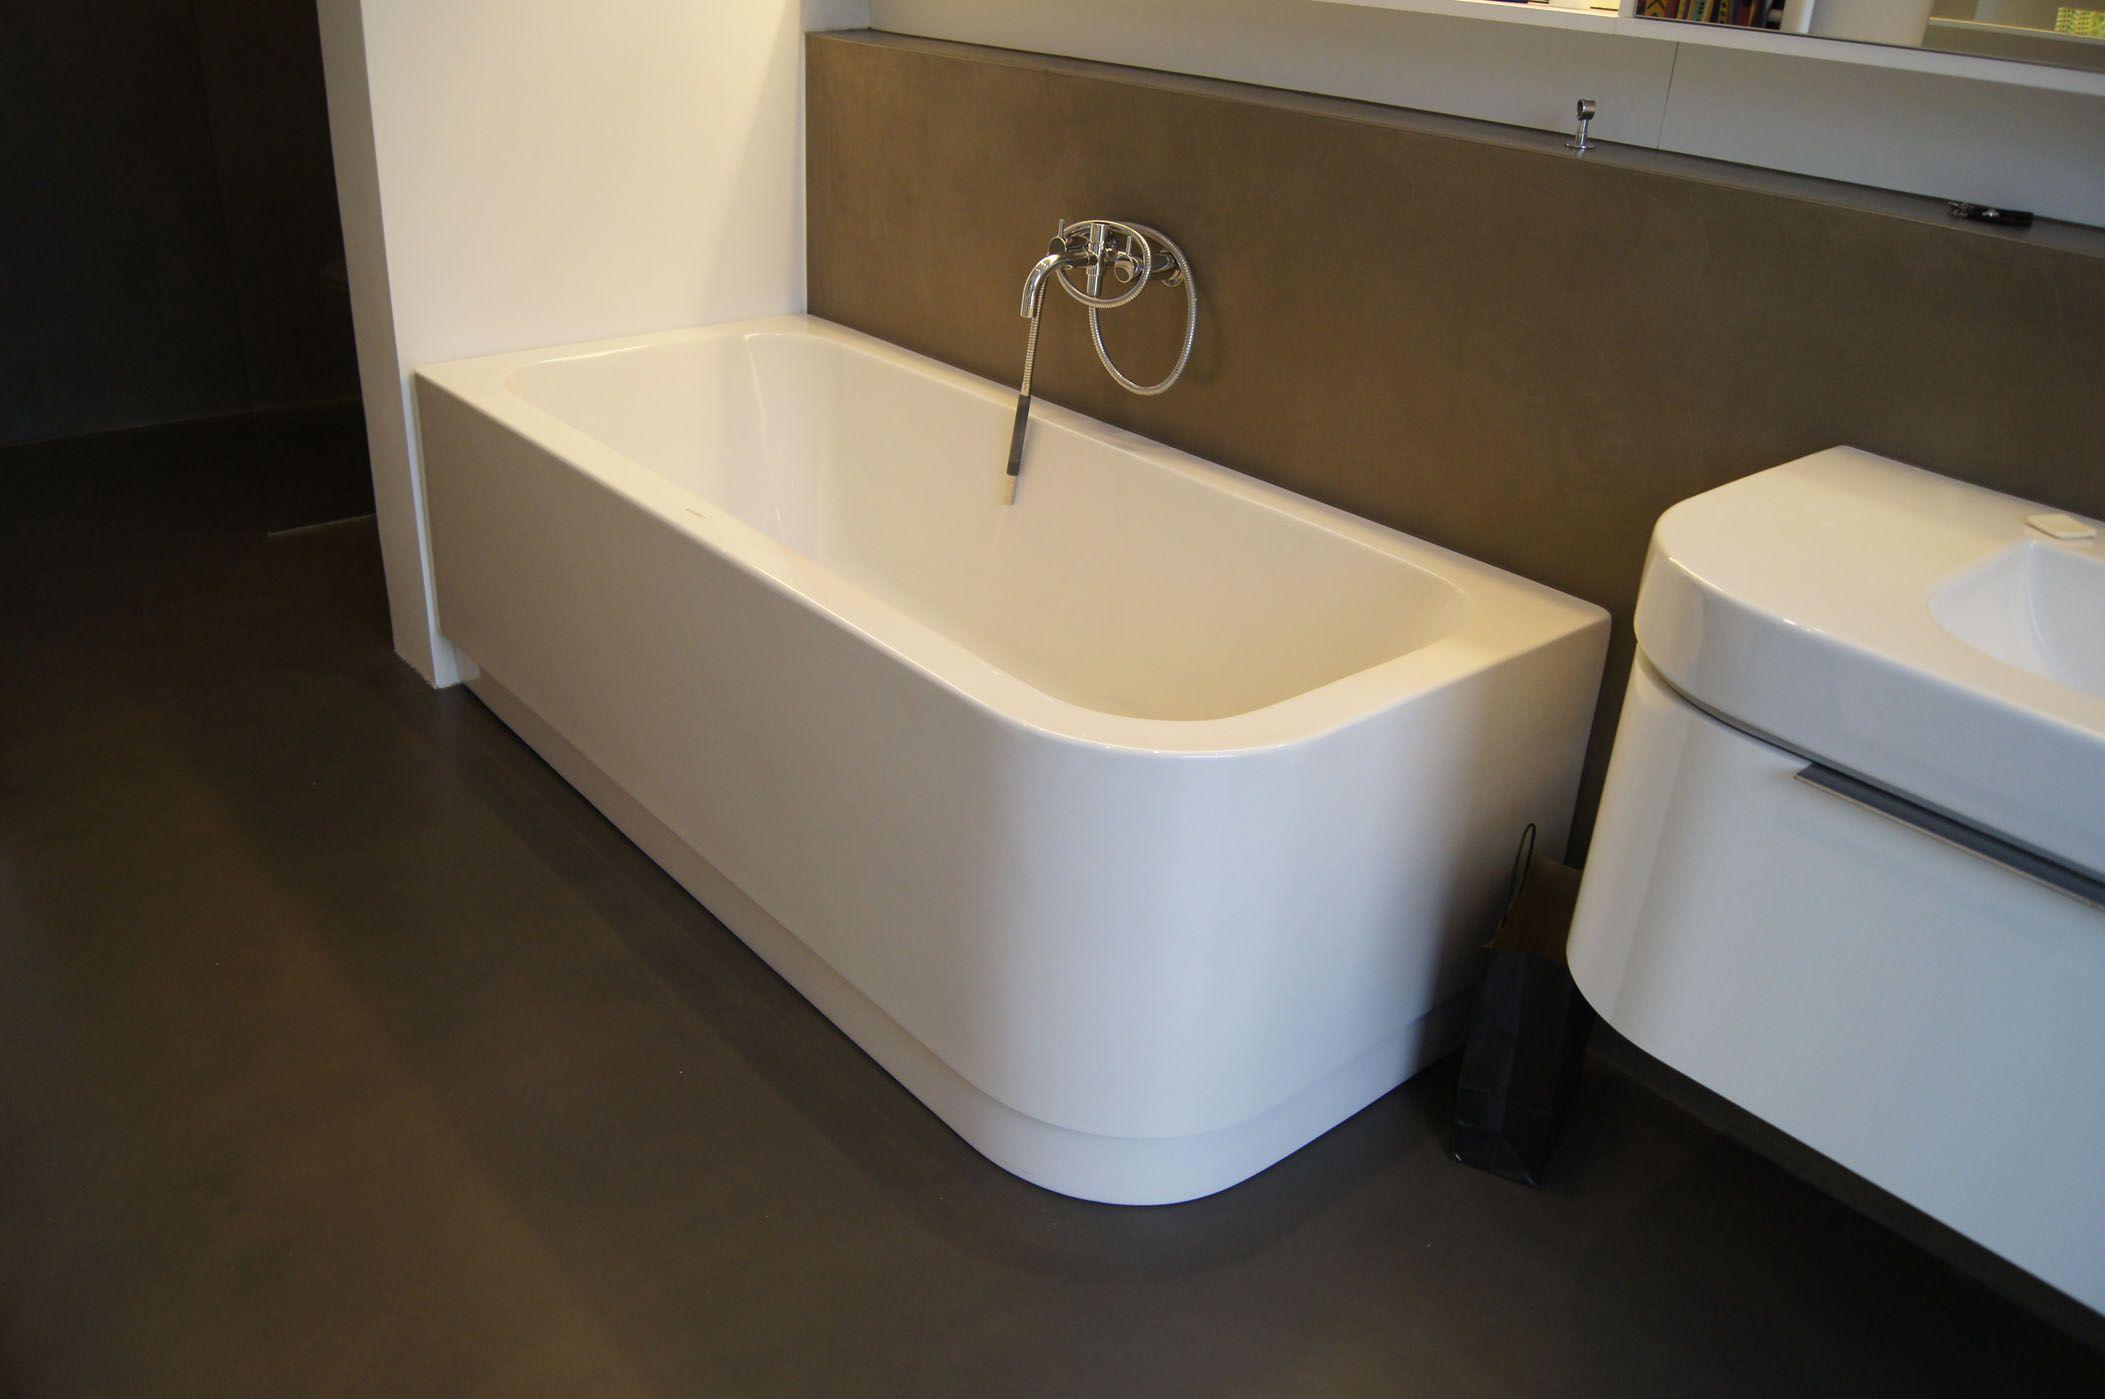 Schones Bad Gemacht Von Fugenlos Modern De Fugenloses Bad Bad Und Badezimmer Fliesen